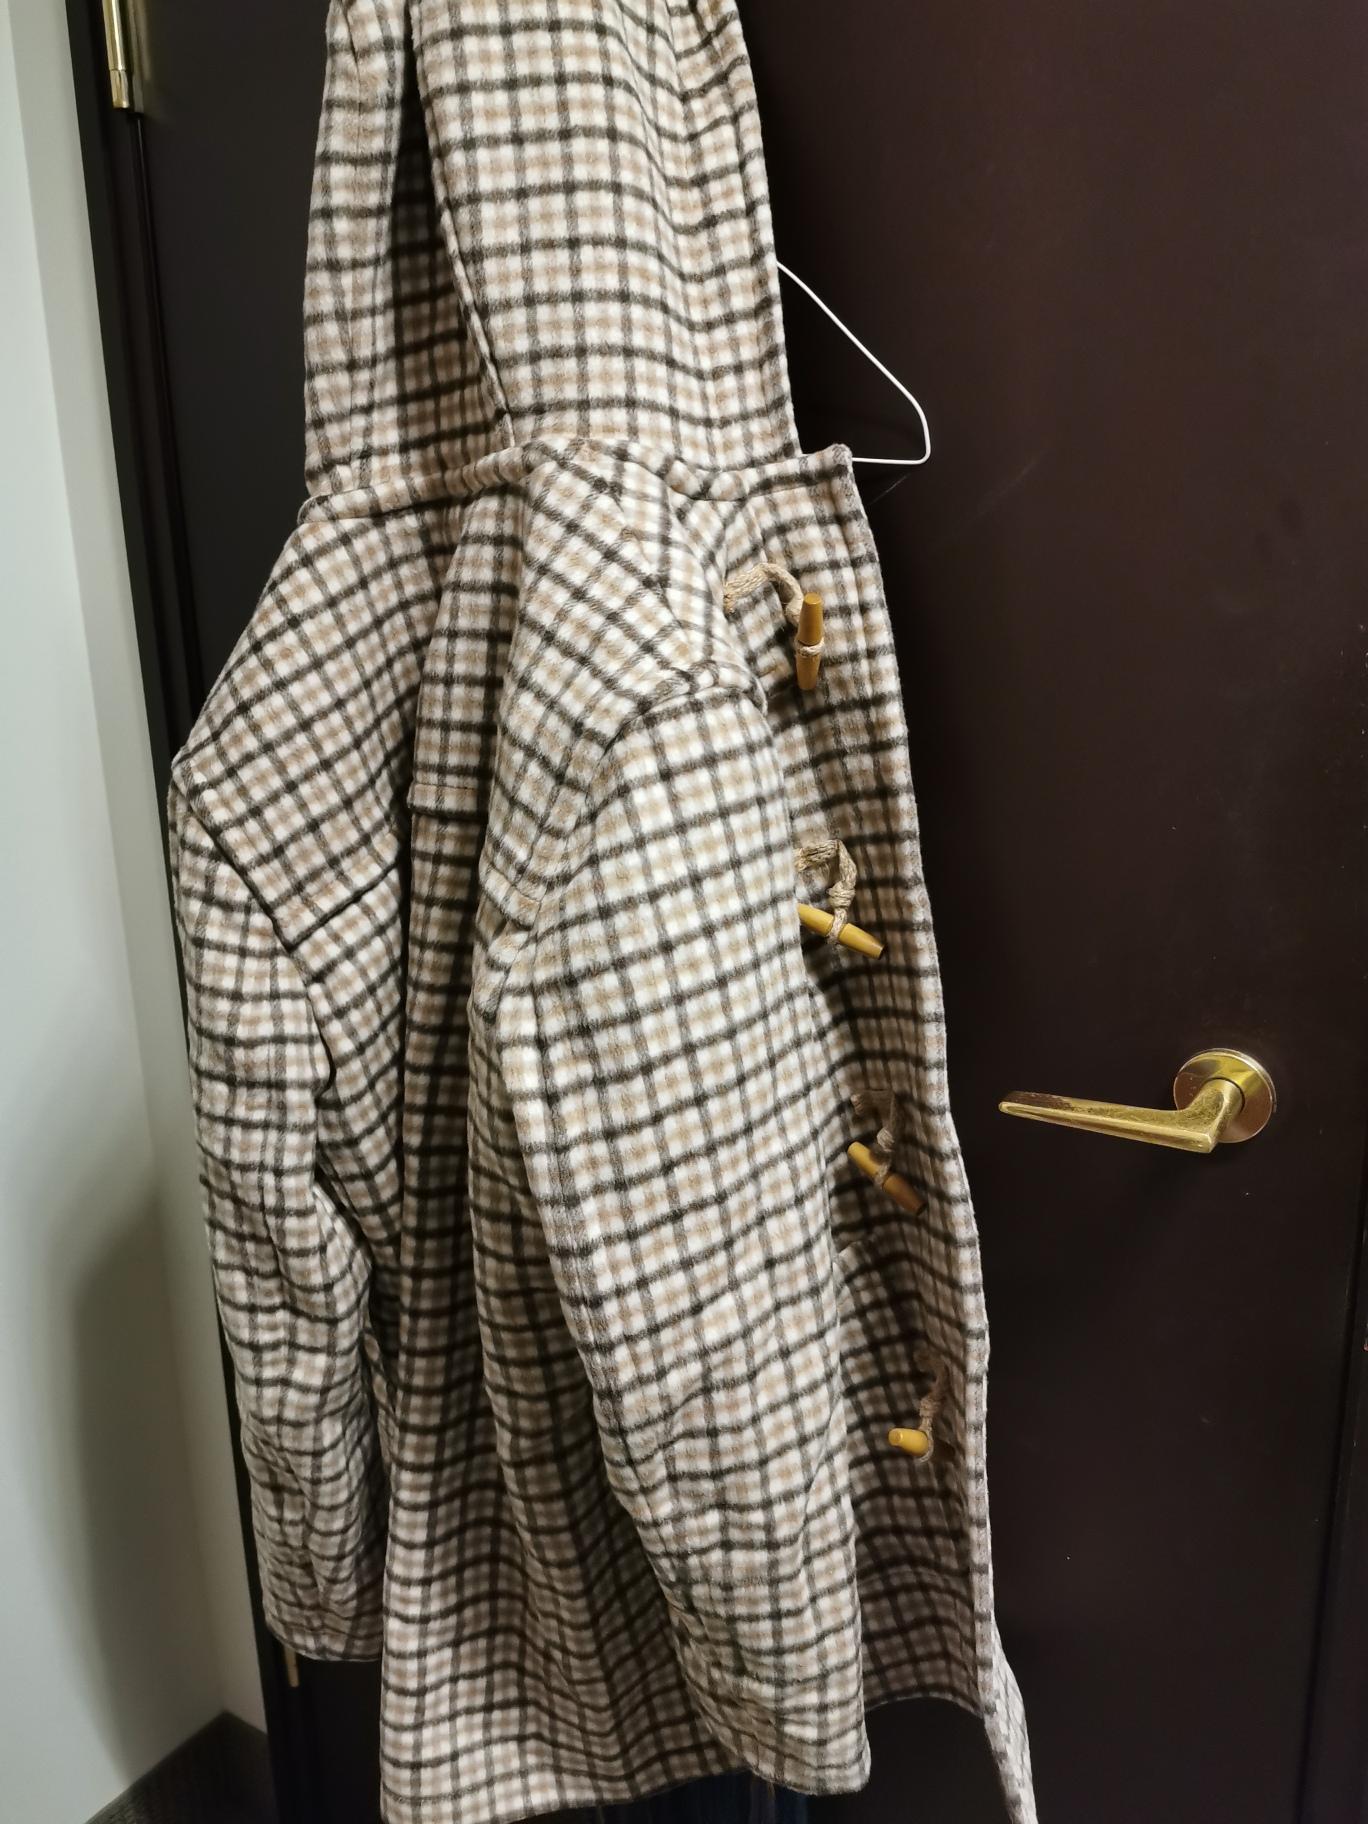 Zara Man's Winter Coat